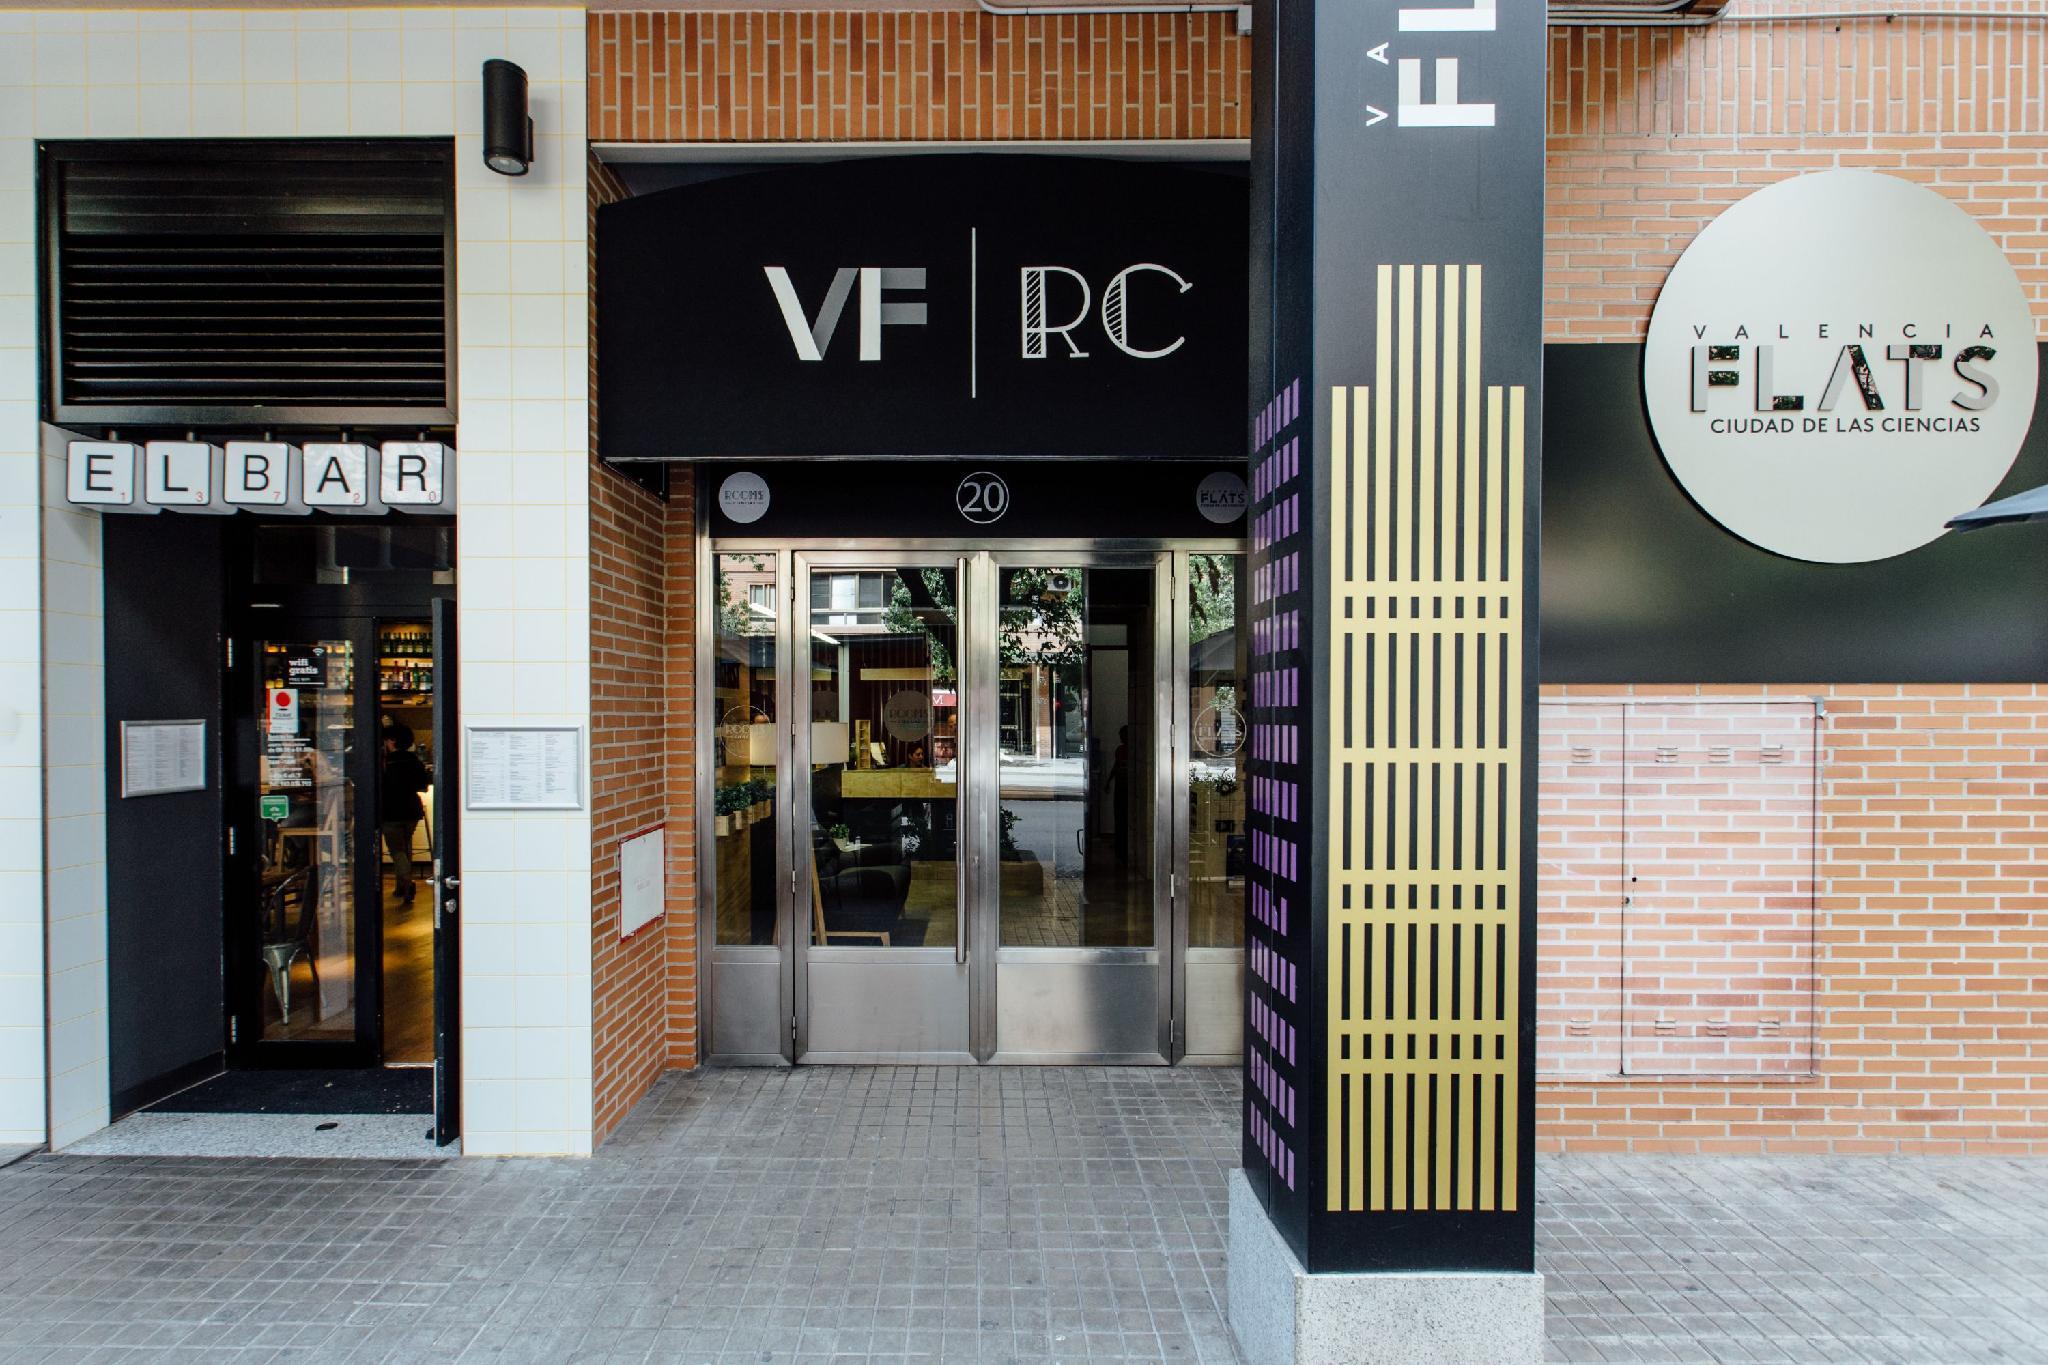 Valenciaflats Ciudad De Las Ciencias – Valencia 5